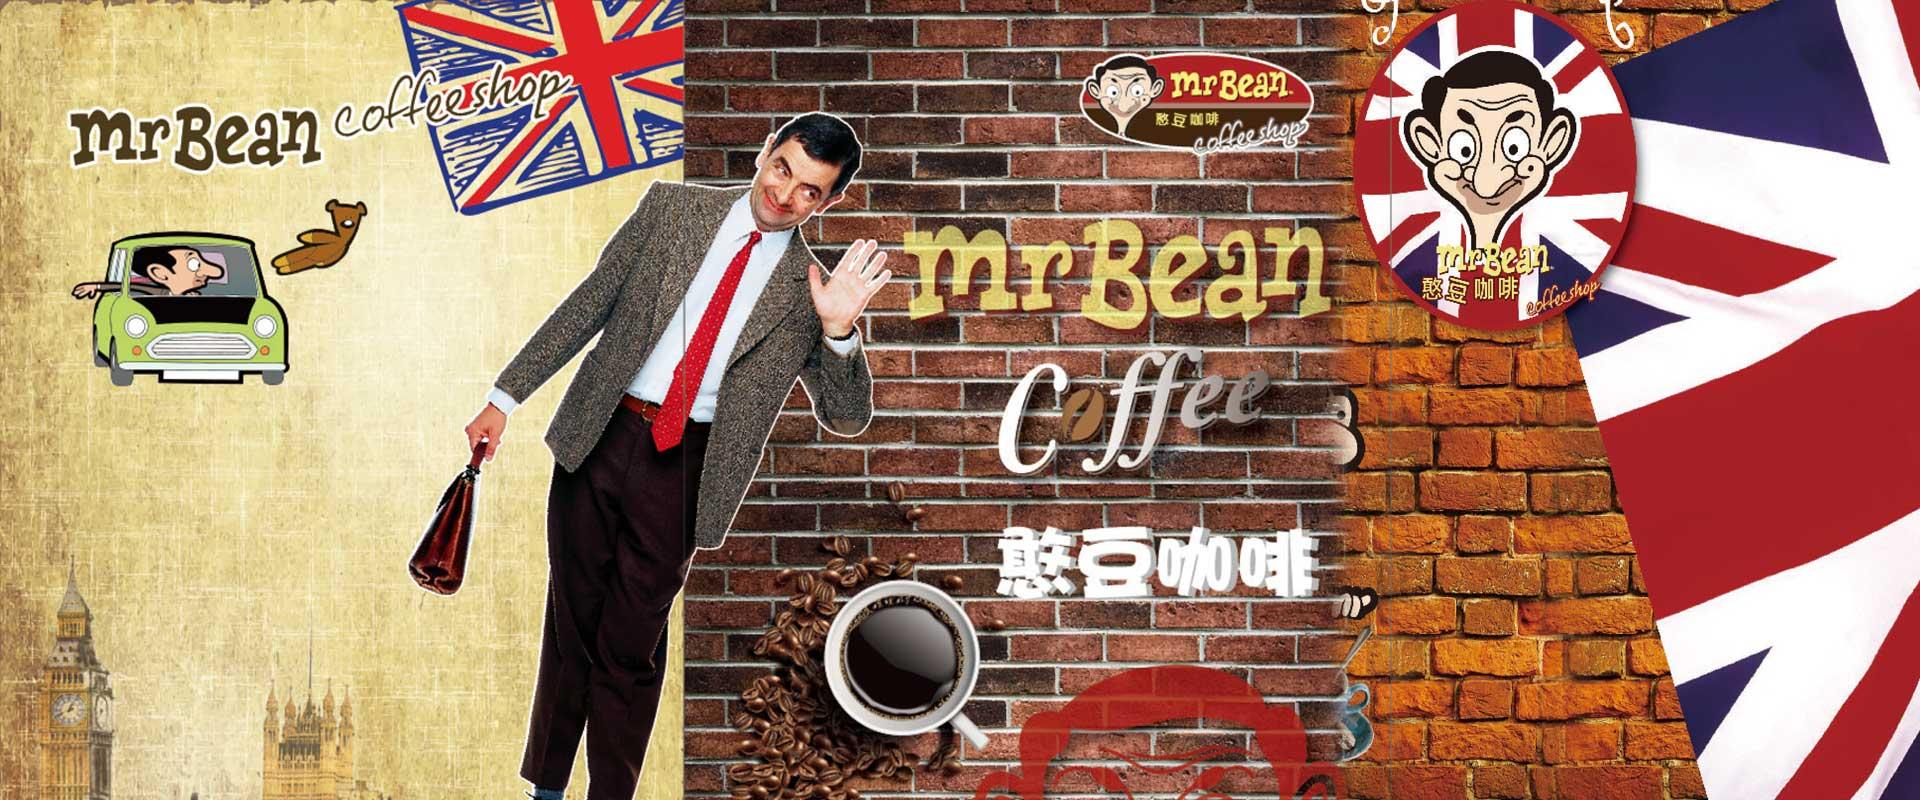 快消加盟-憨豆咖啡,一个很有人文气息和故事的品牌-找加盟就上小宝招商